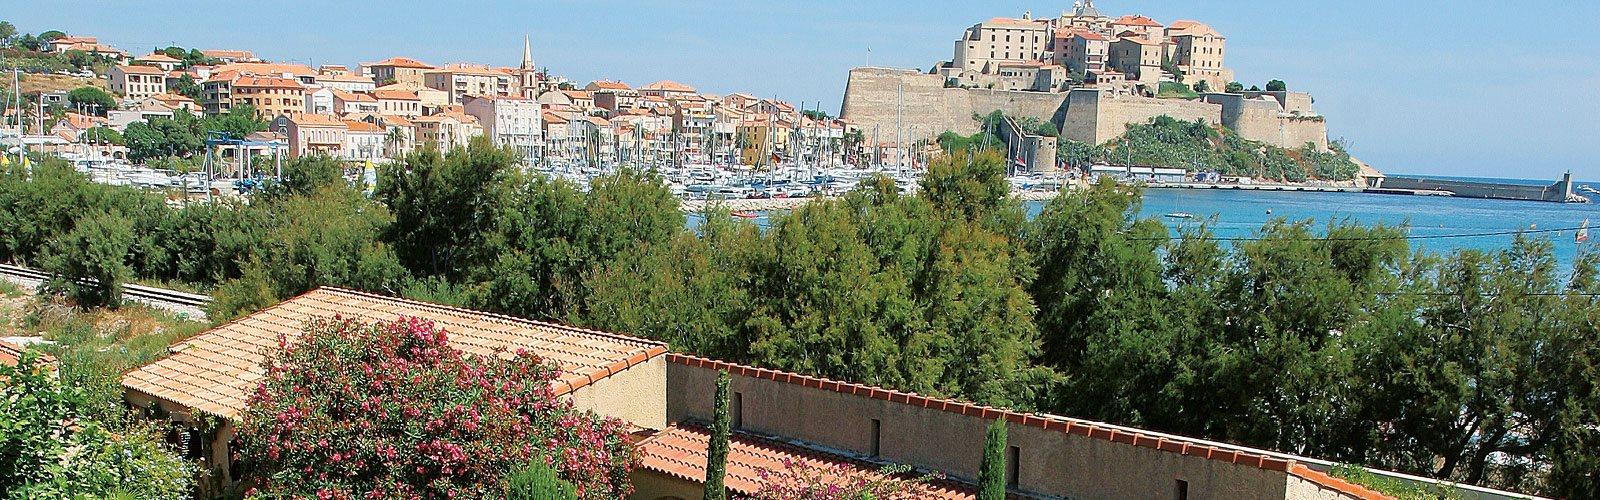 Blick auf den Hafen und die Zitadelle von Calvi